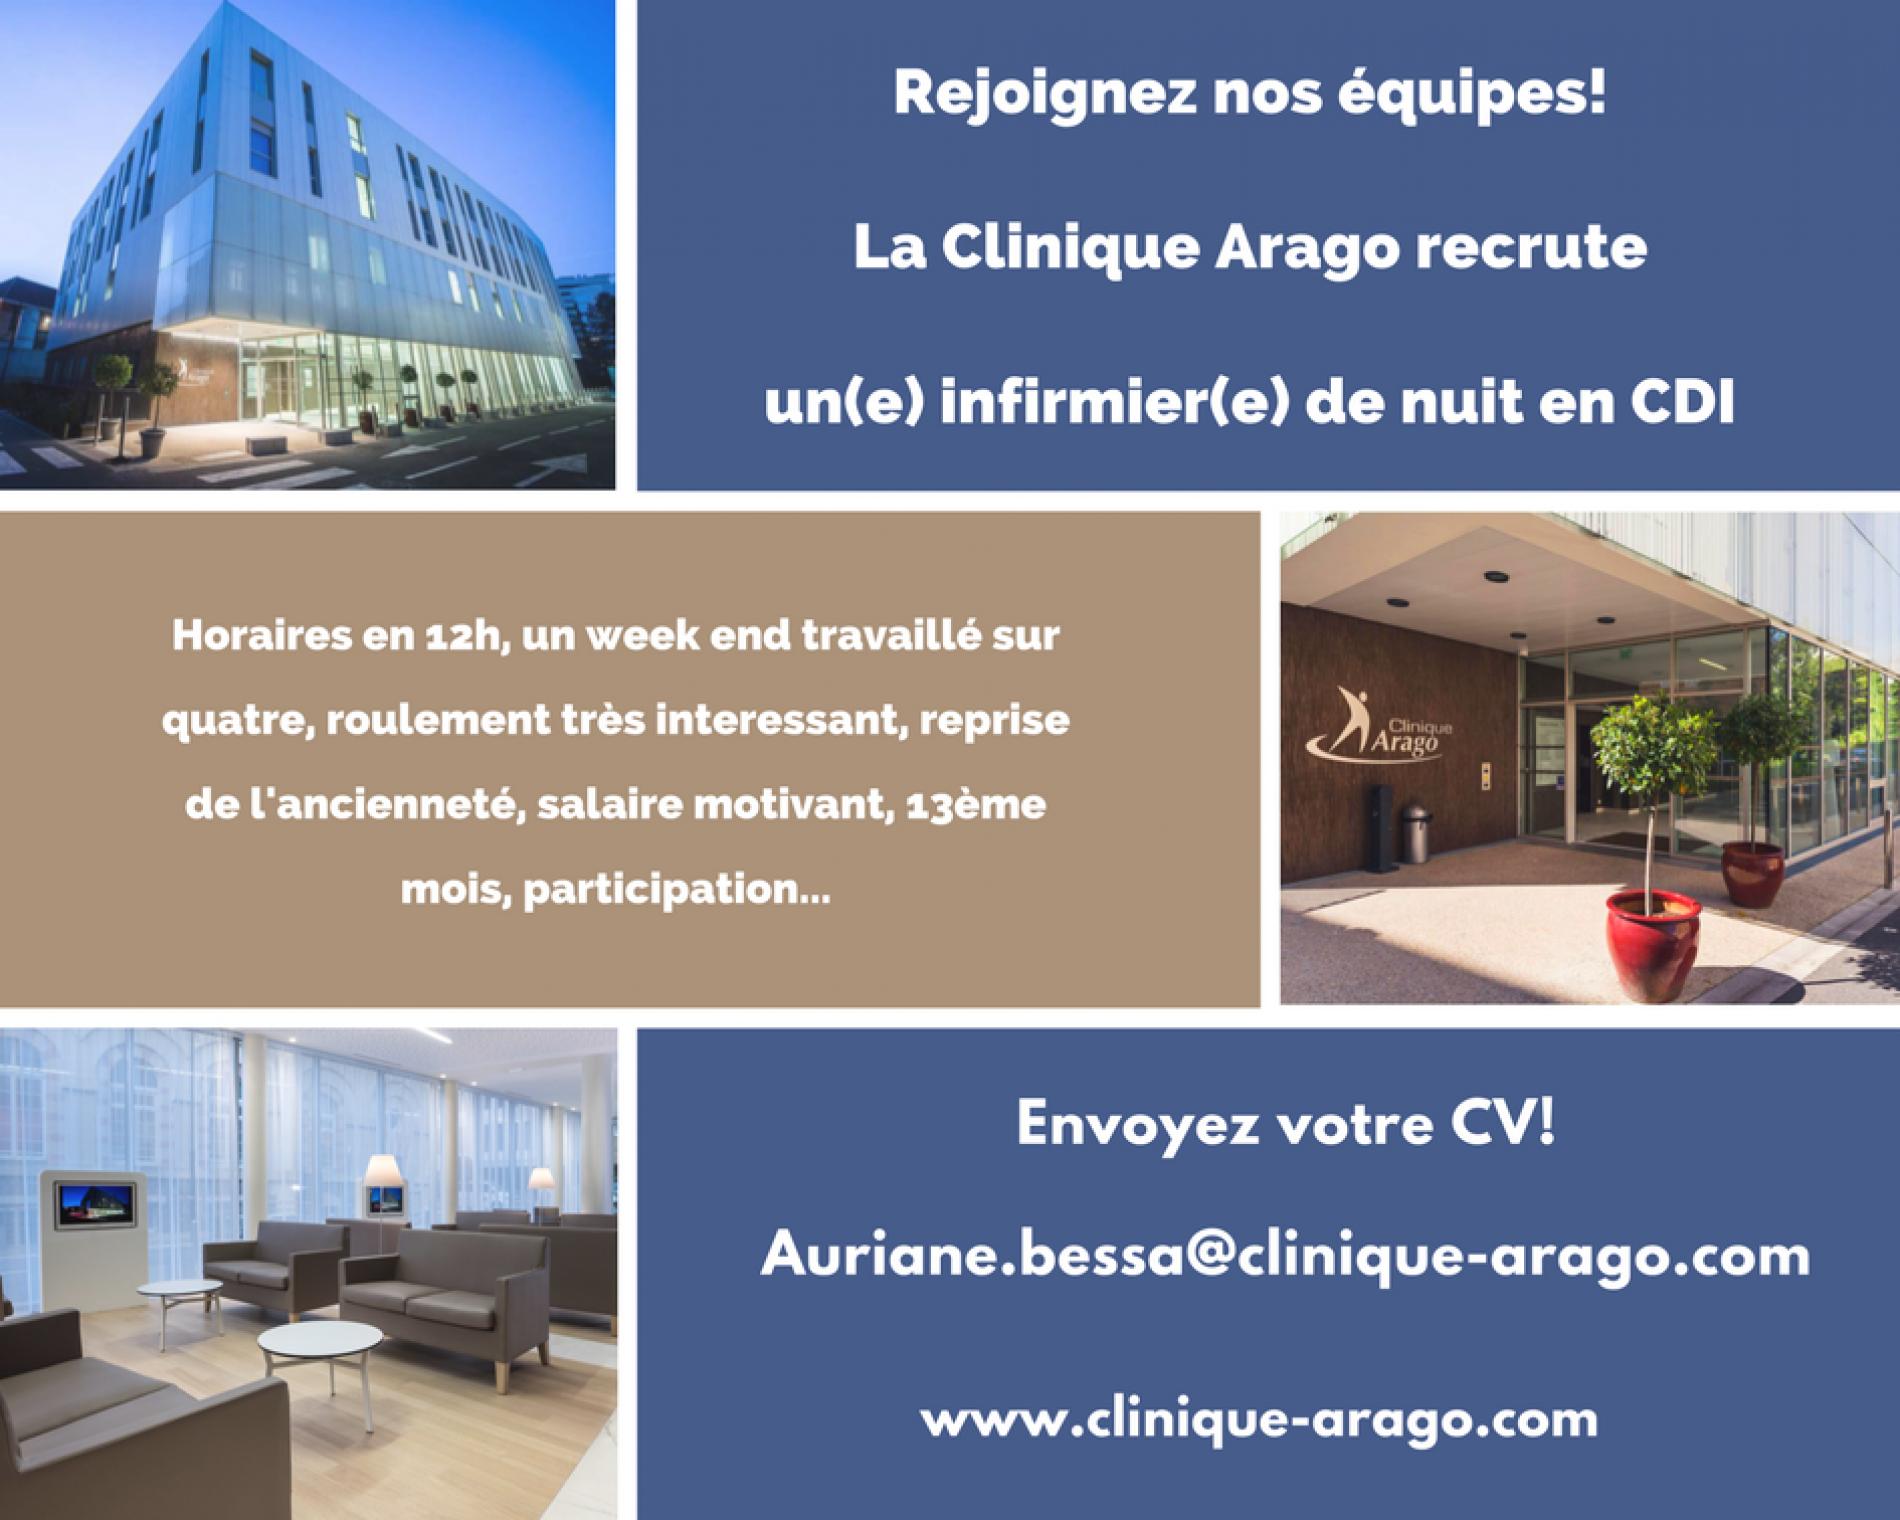 Rejoignez nos équipes ! La clinique Arago recrute un(e) infirmier(e) de nuit CDI